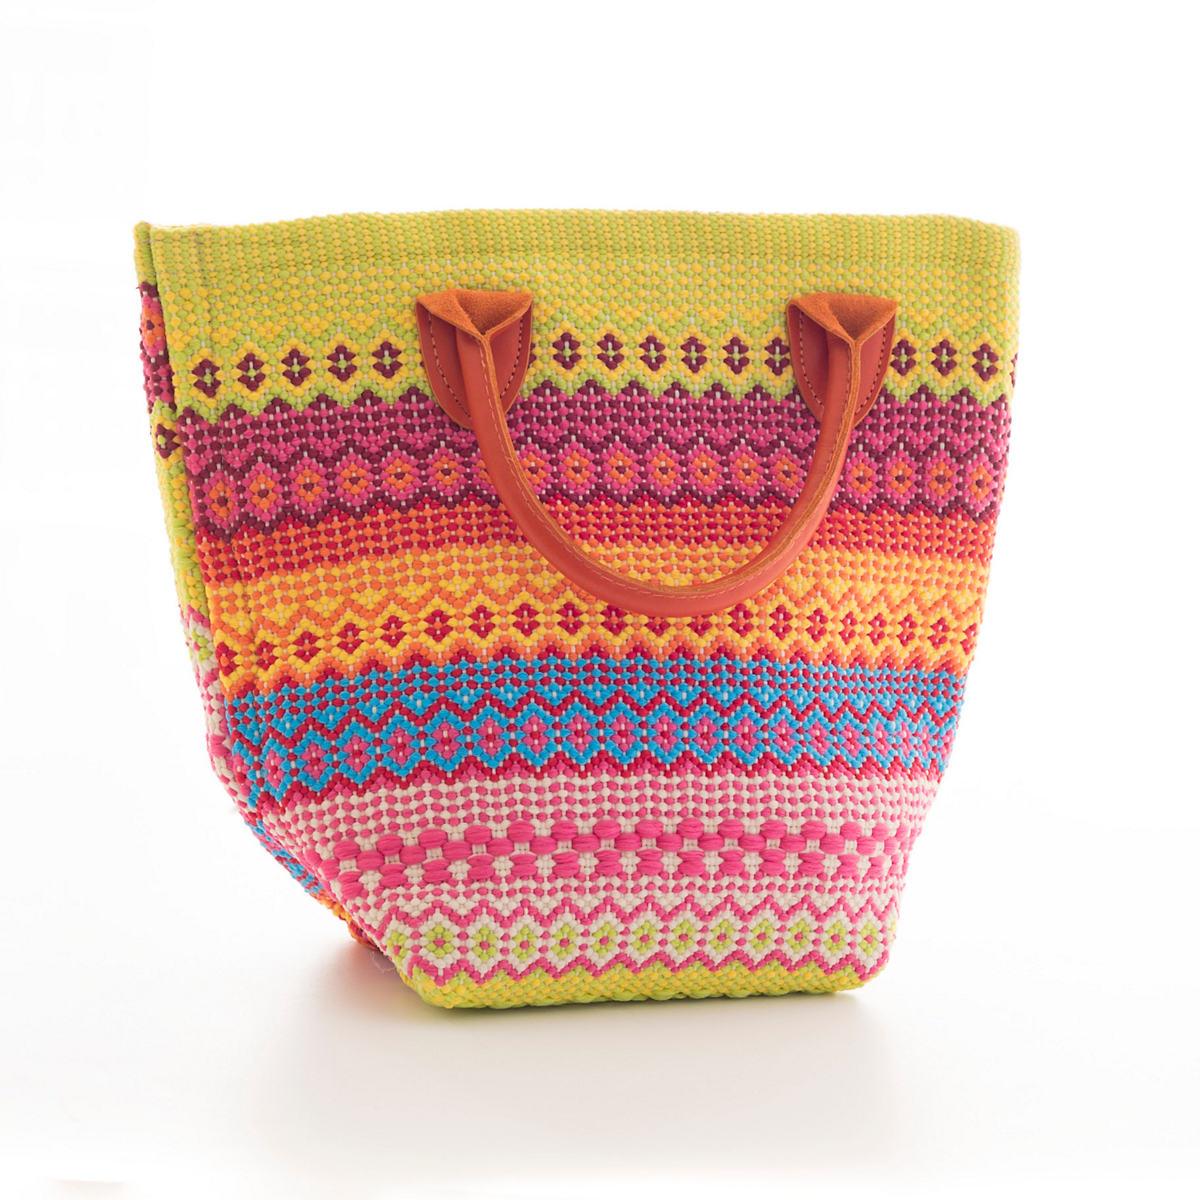 Le Tote Fiesta Stripe Multi Tote Bag